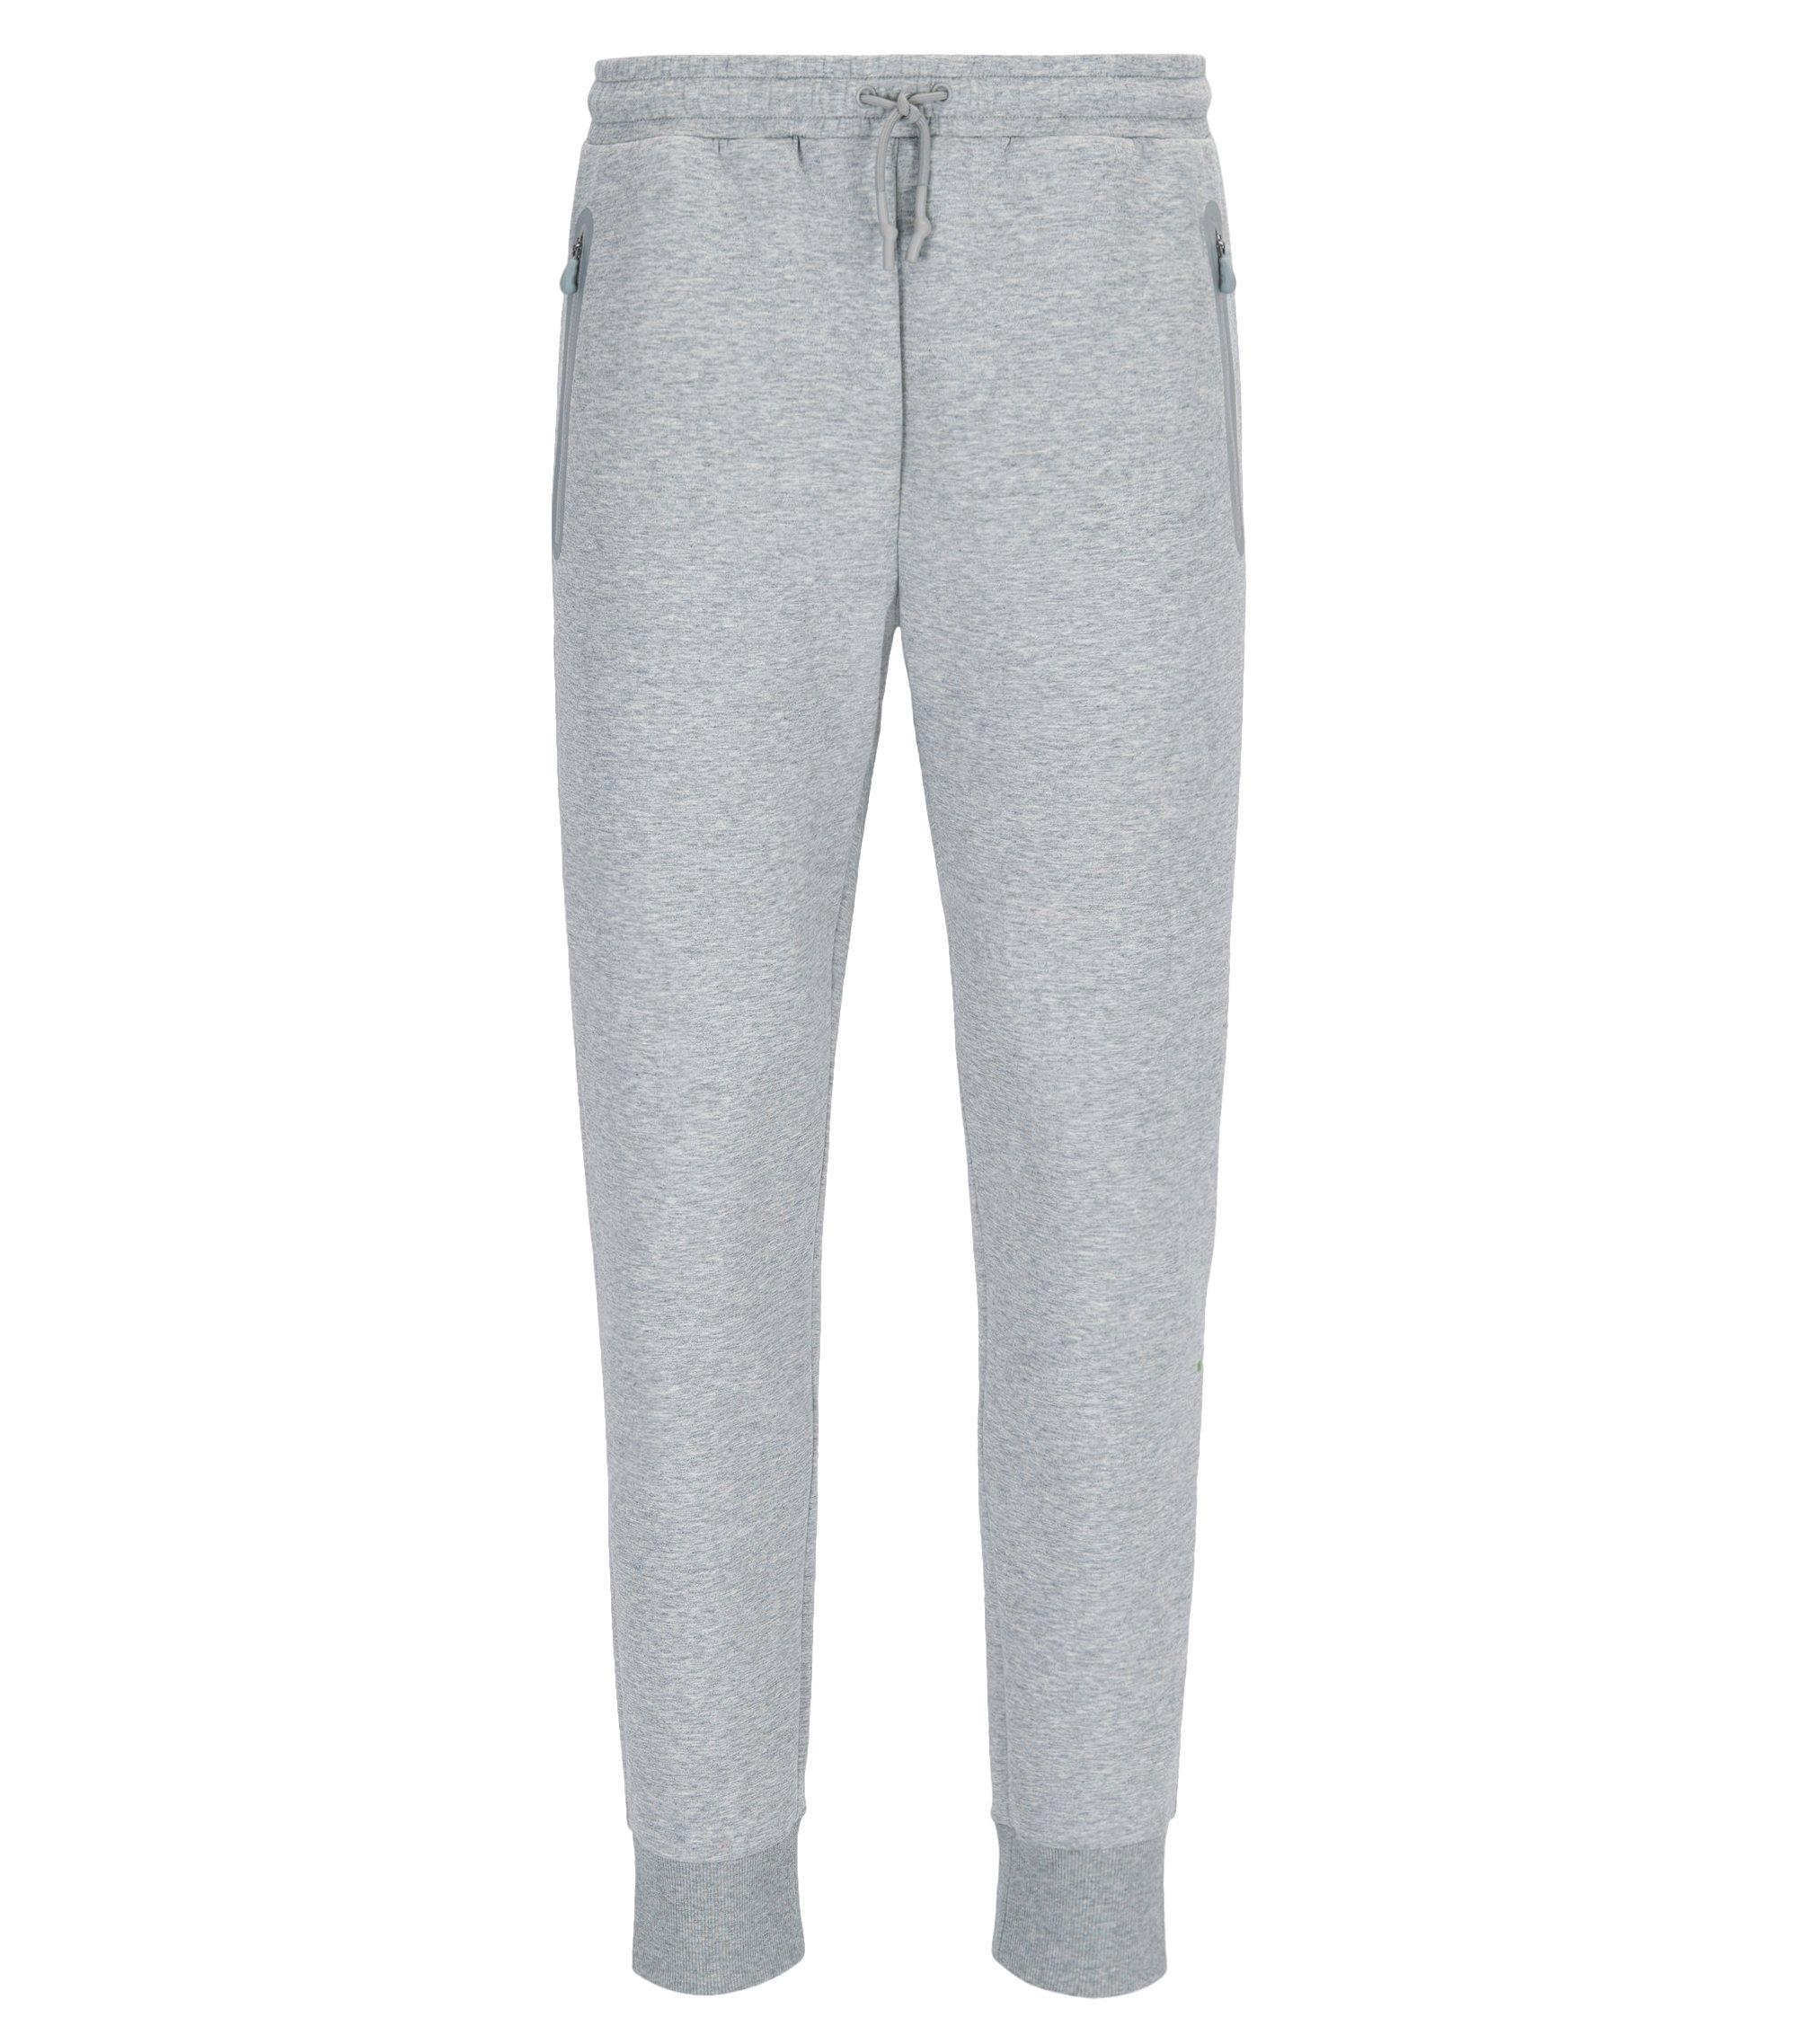 Pantaloni da jogging slim fit con fondo gamba elastico in misto cotone, Grigio chiaro